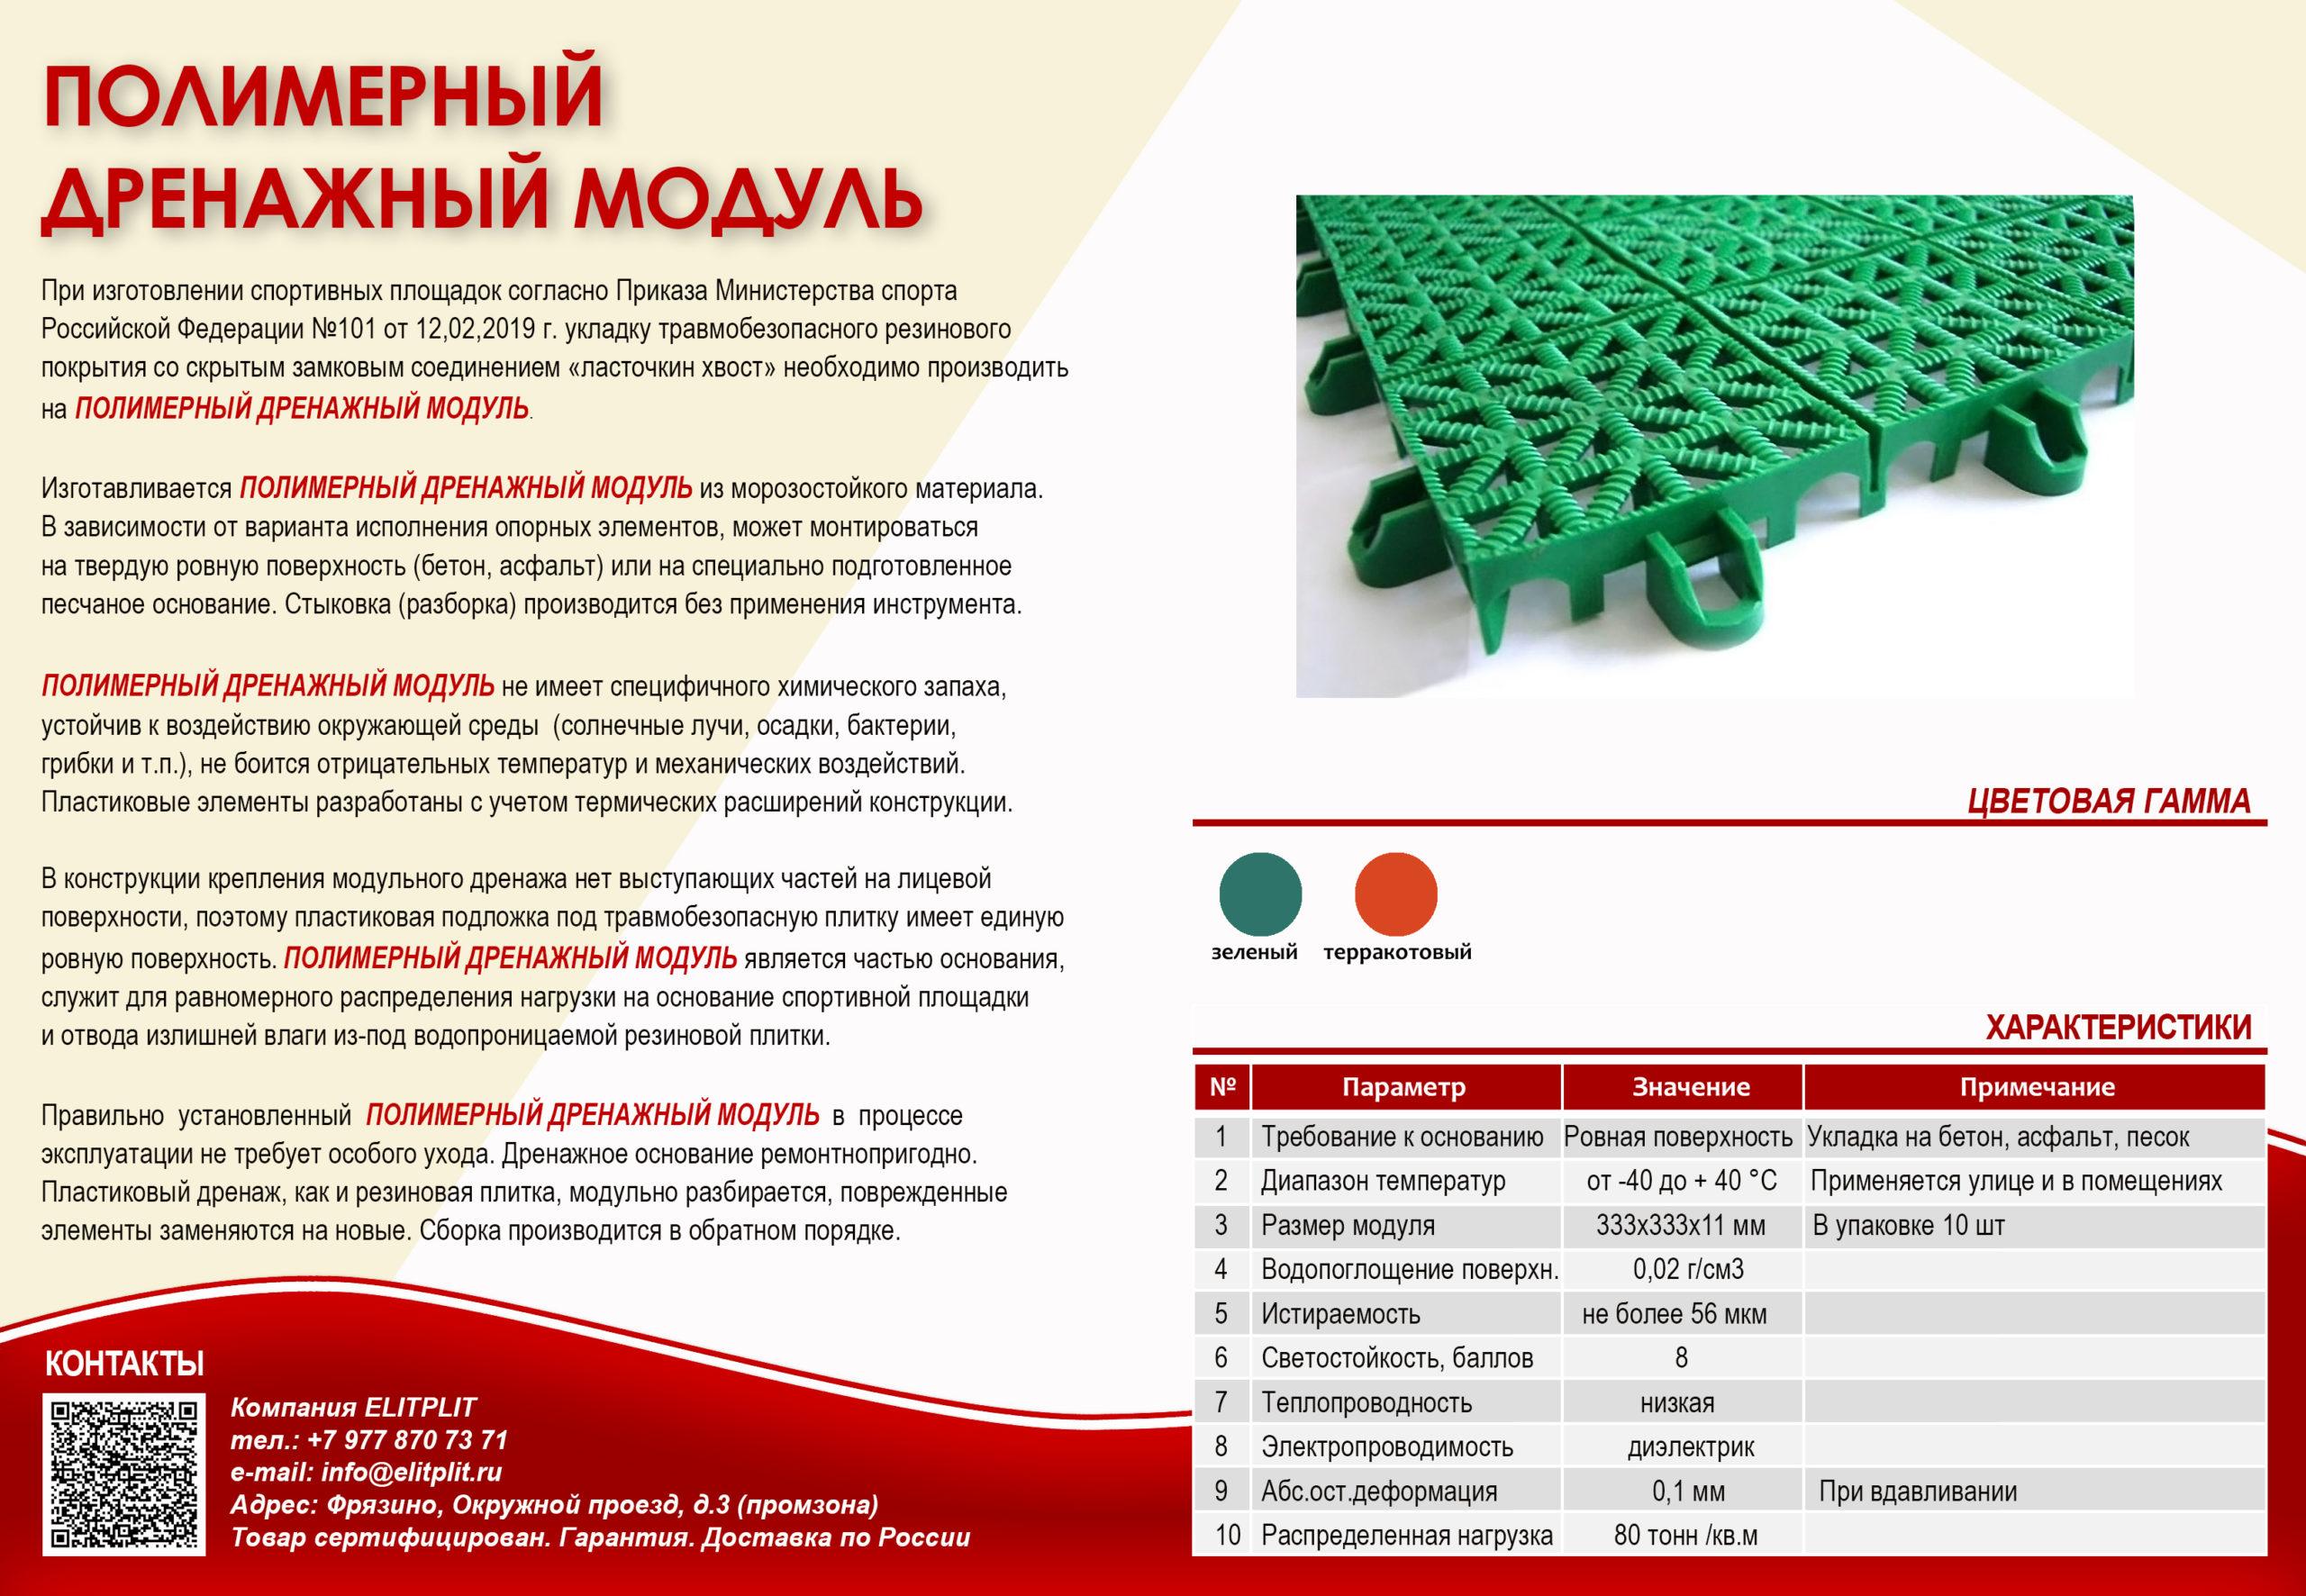 Полимерный дренажный модуль 333х333х16 мм для твердых оснований